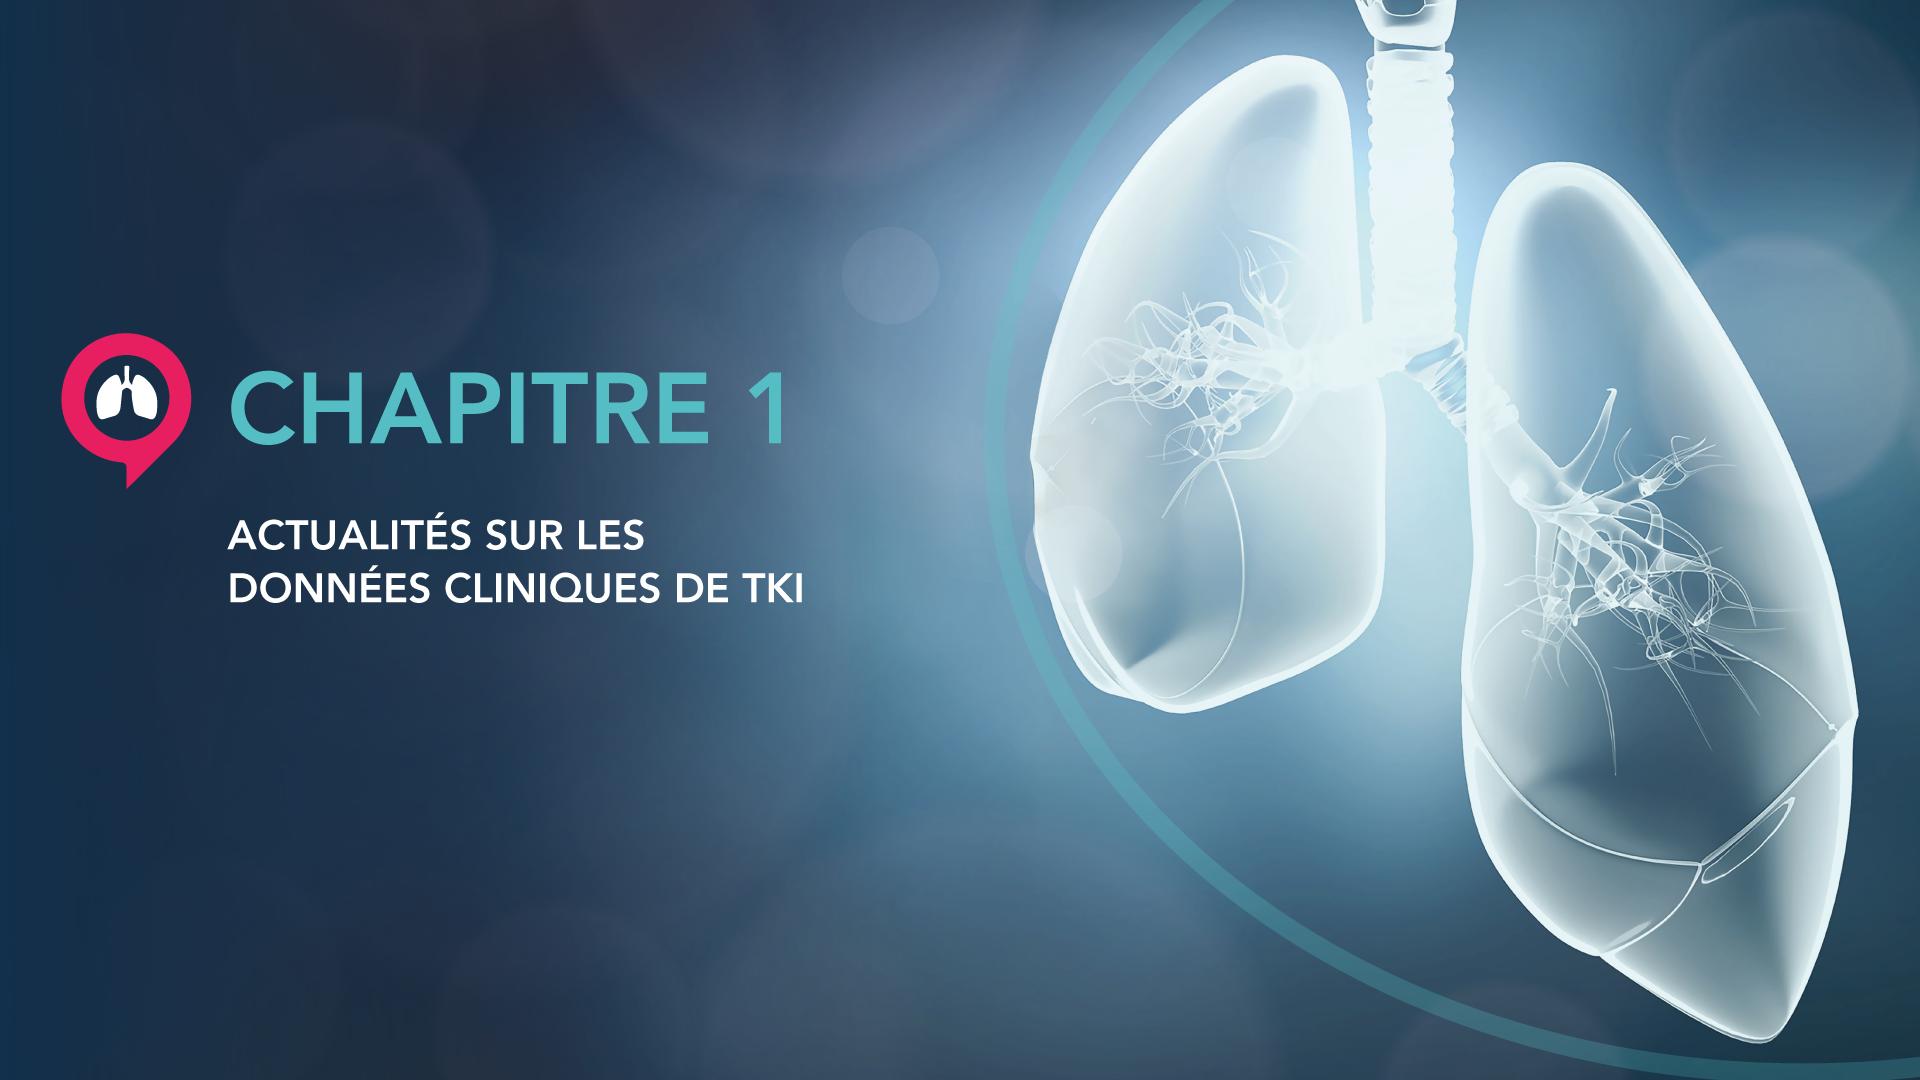 Vignettes-videos_Chapitre-1